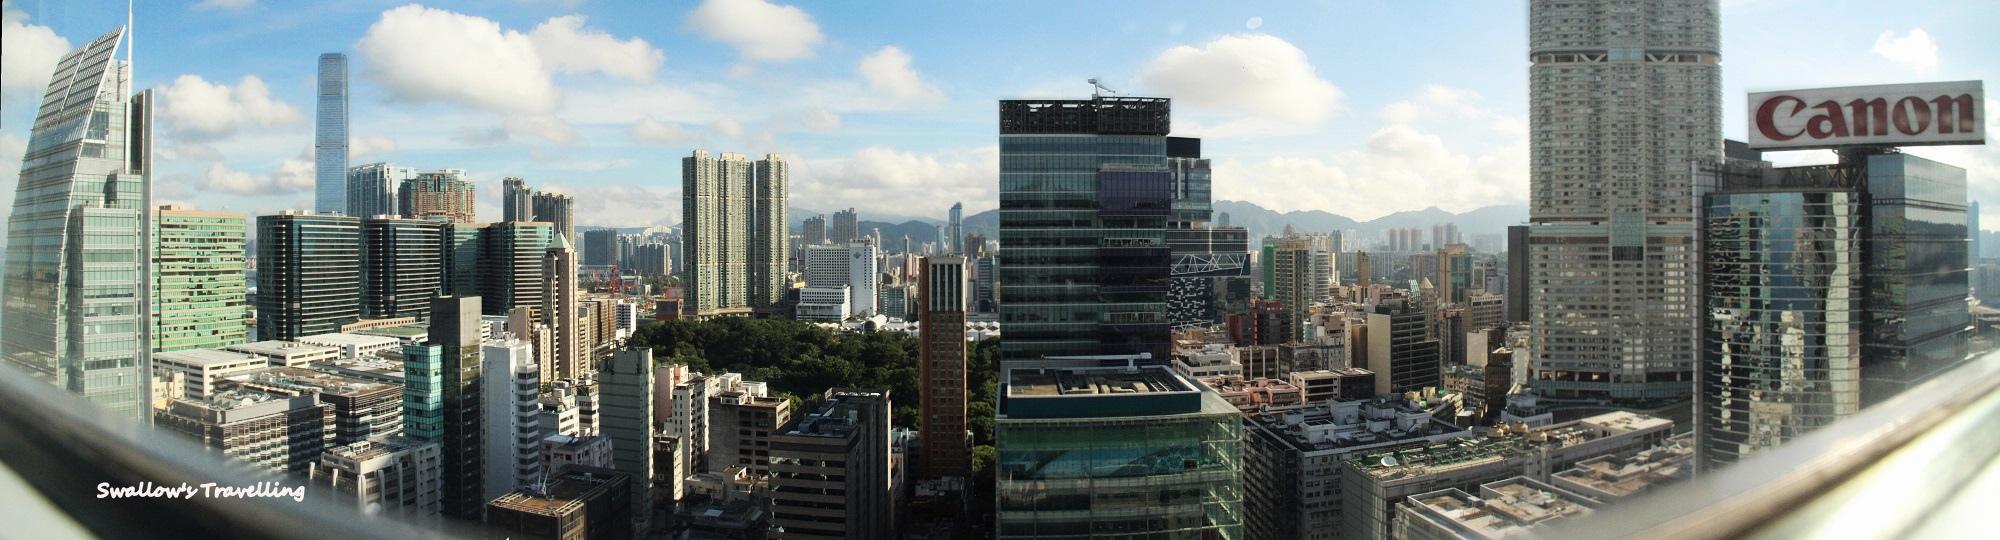 14_半島酒店白天窗景.jpg